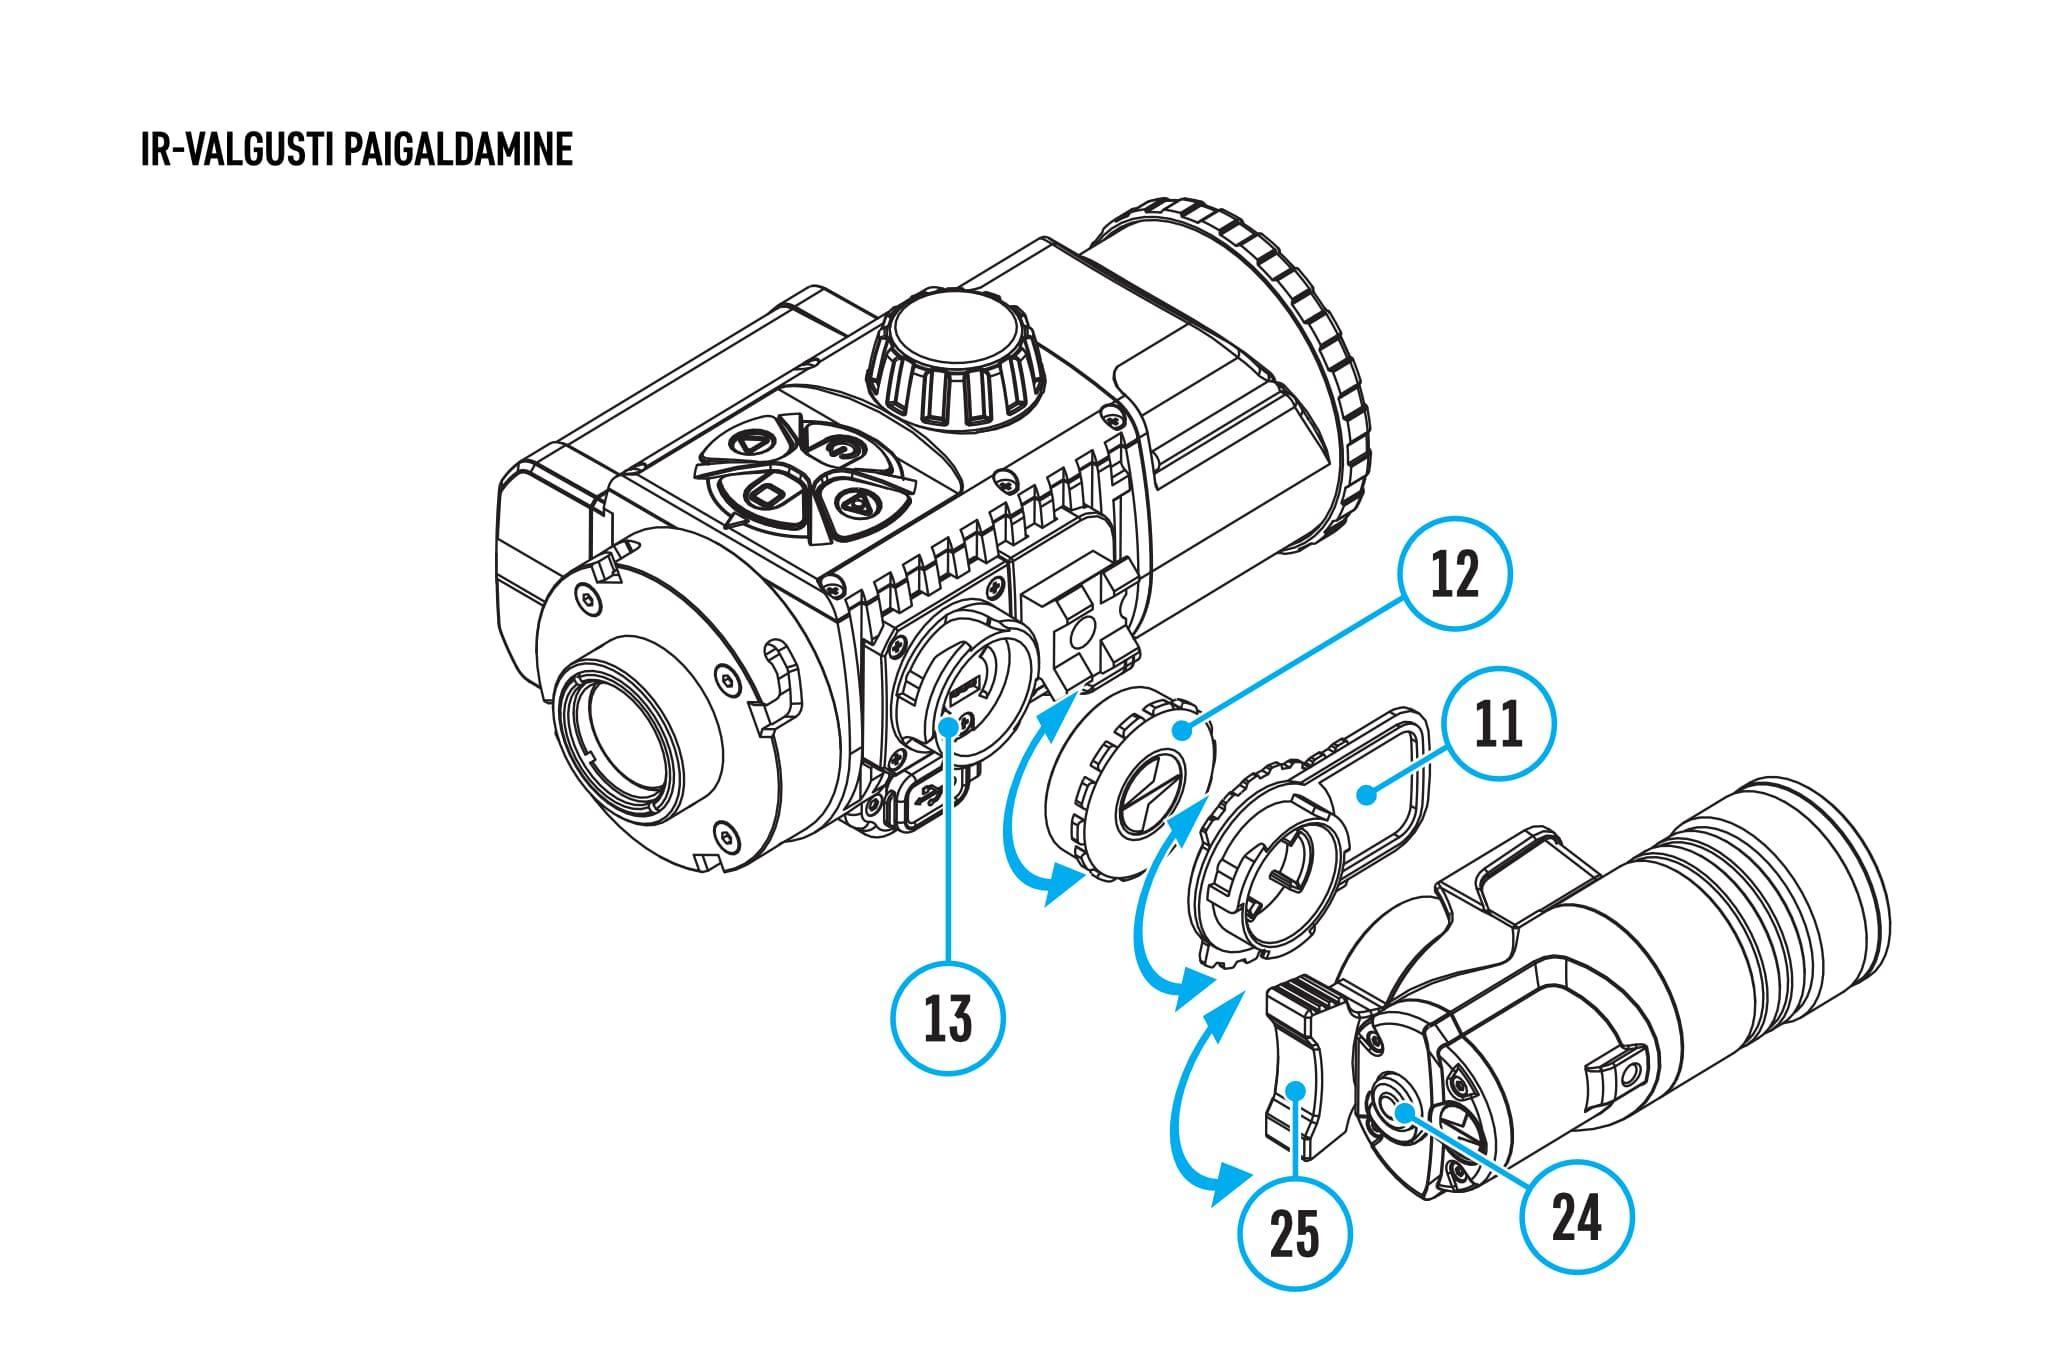 Pulsar Forward FN455 IR-valgusti